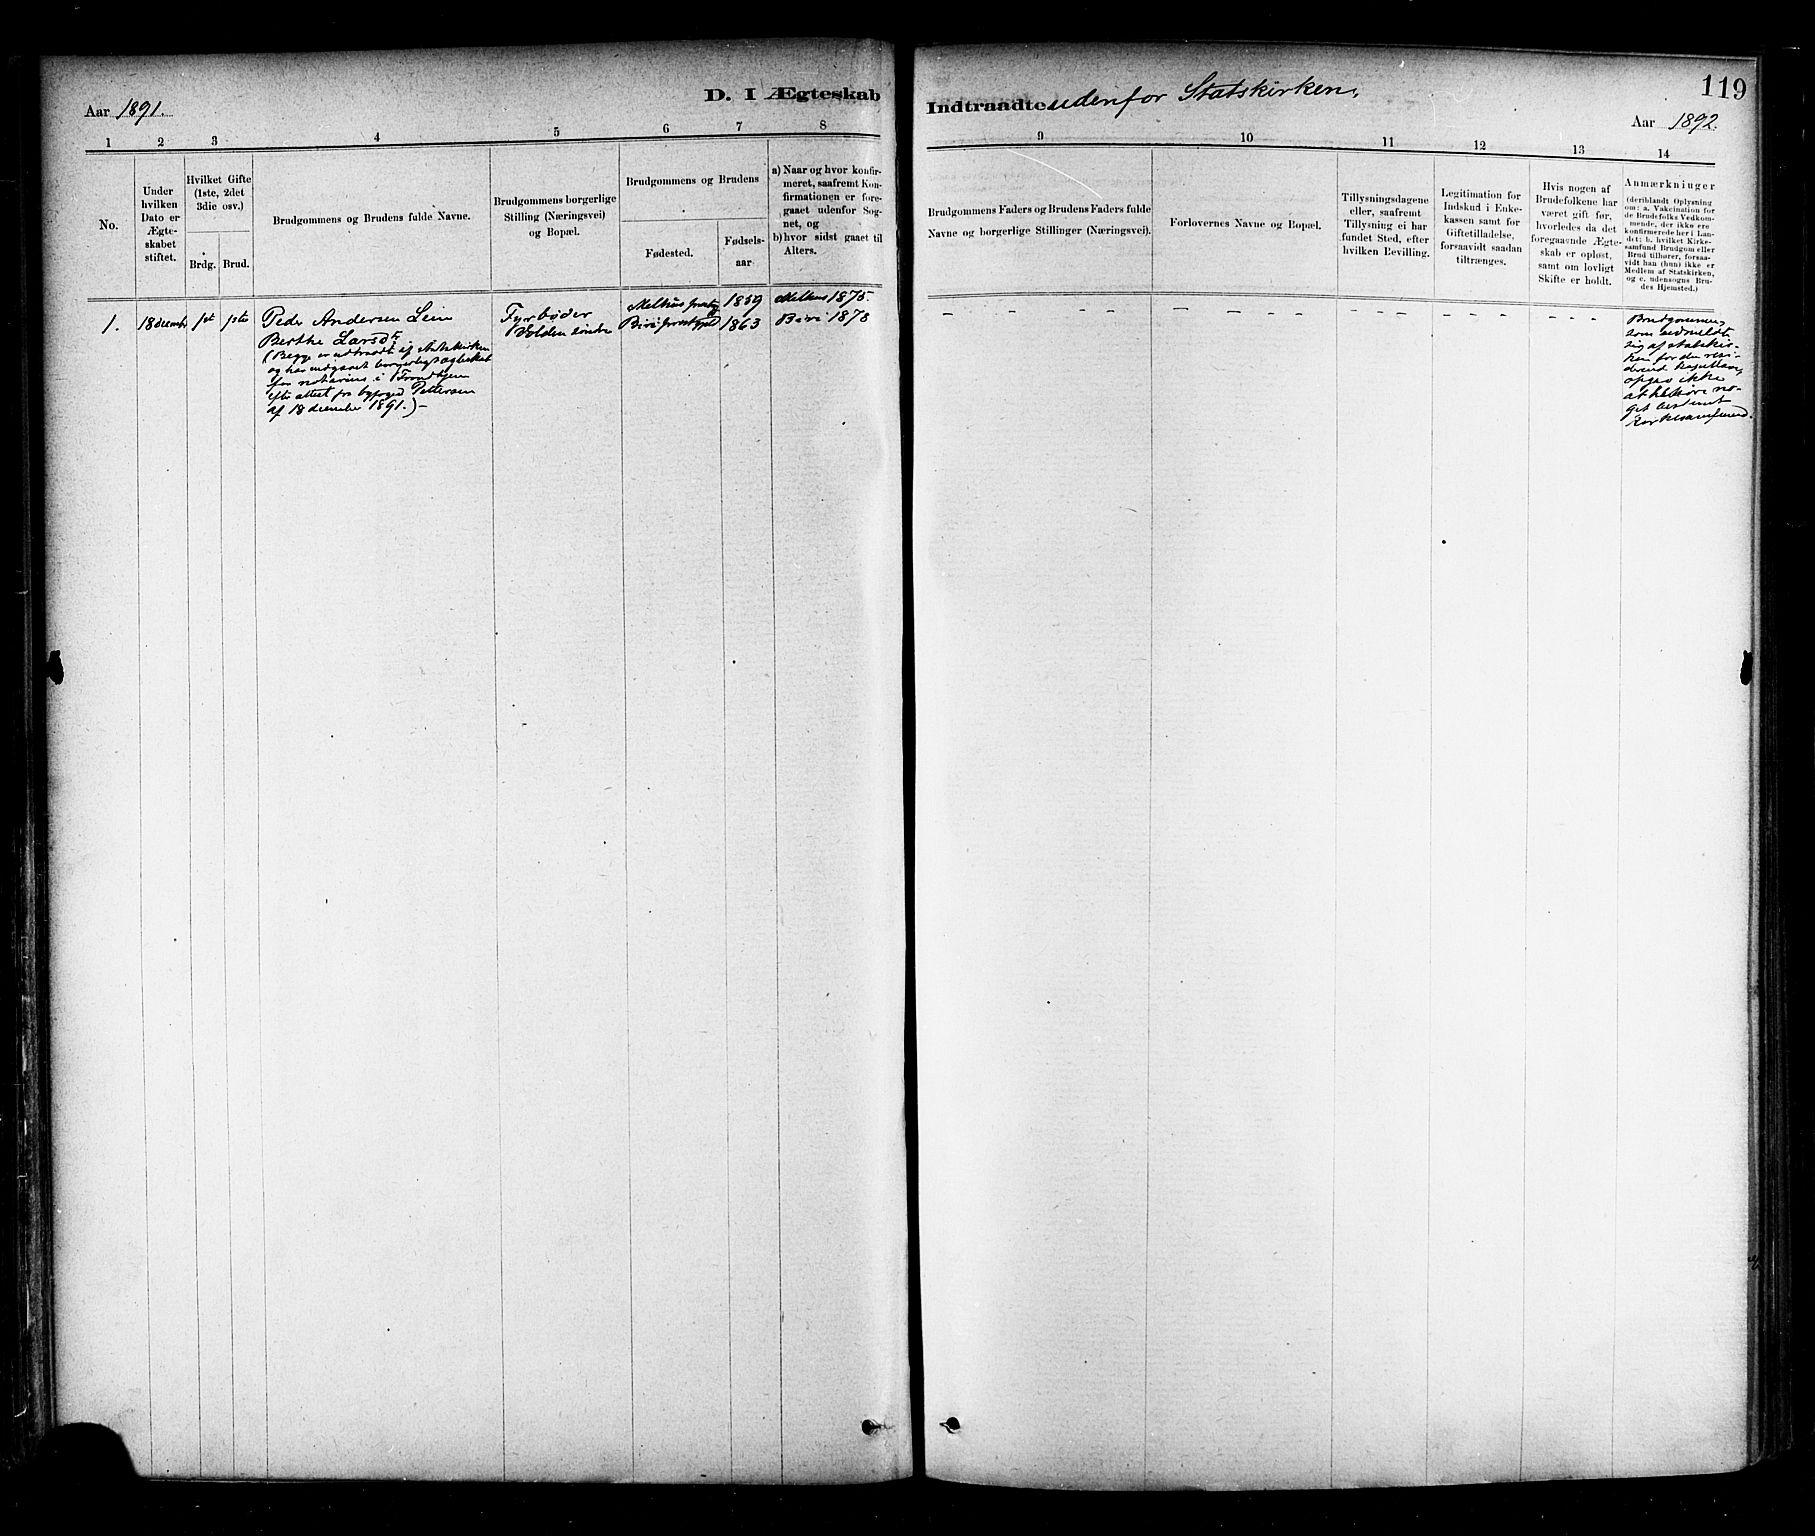 SAT, Ministerialprotokoller, klokkerbøker og fødselsregistre - Nord-Trøndelag, 706/L0047: Parish register (official) no. 706A03, 1878-1892, p. 119